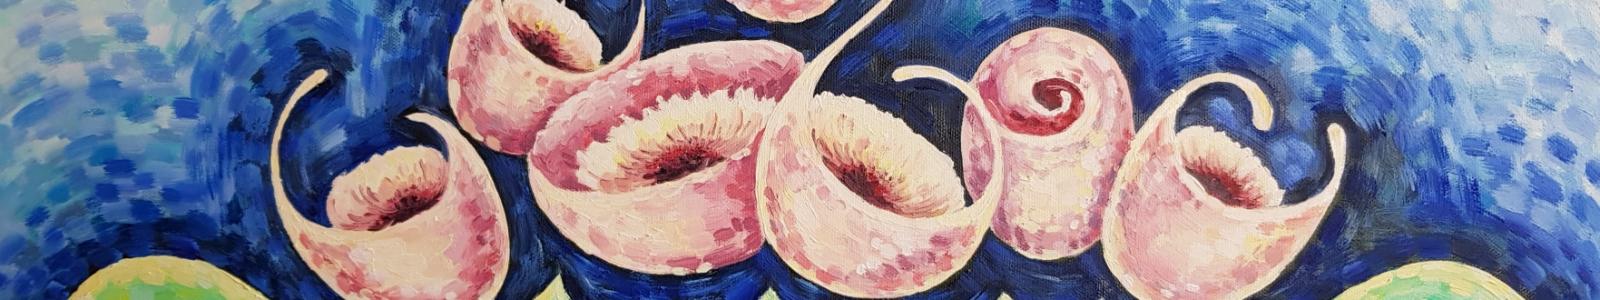 Gallery Painter Ekaterina Zubarova